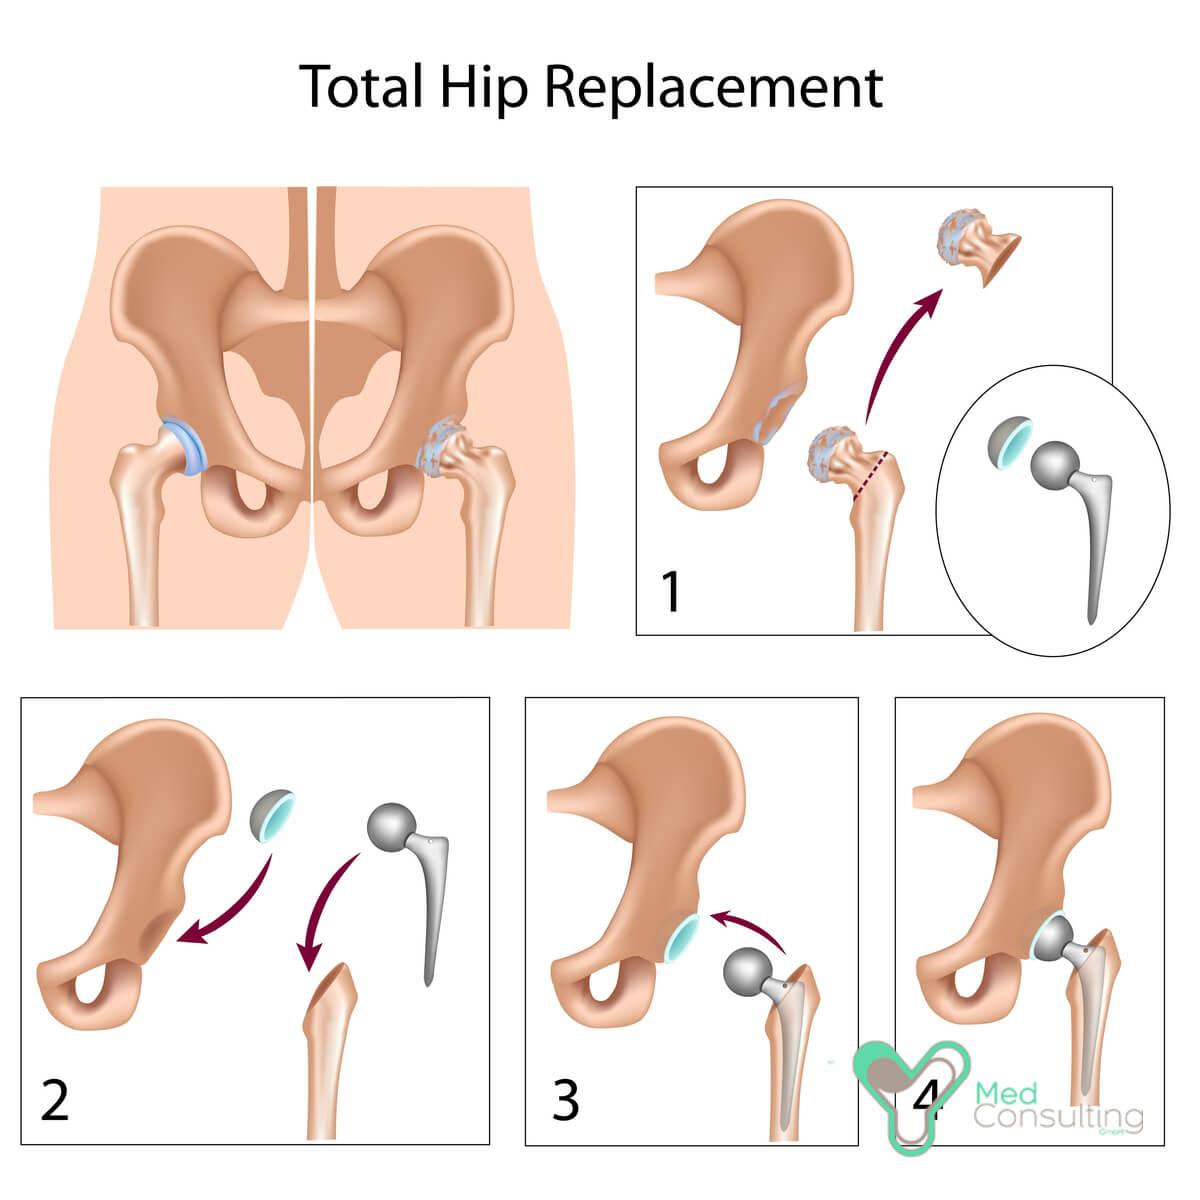 Противопоказания к замене сустава абсолютные и относительные: почему не допускают к операции